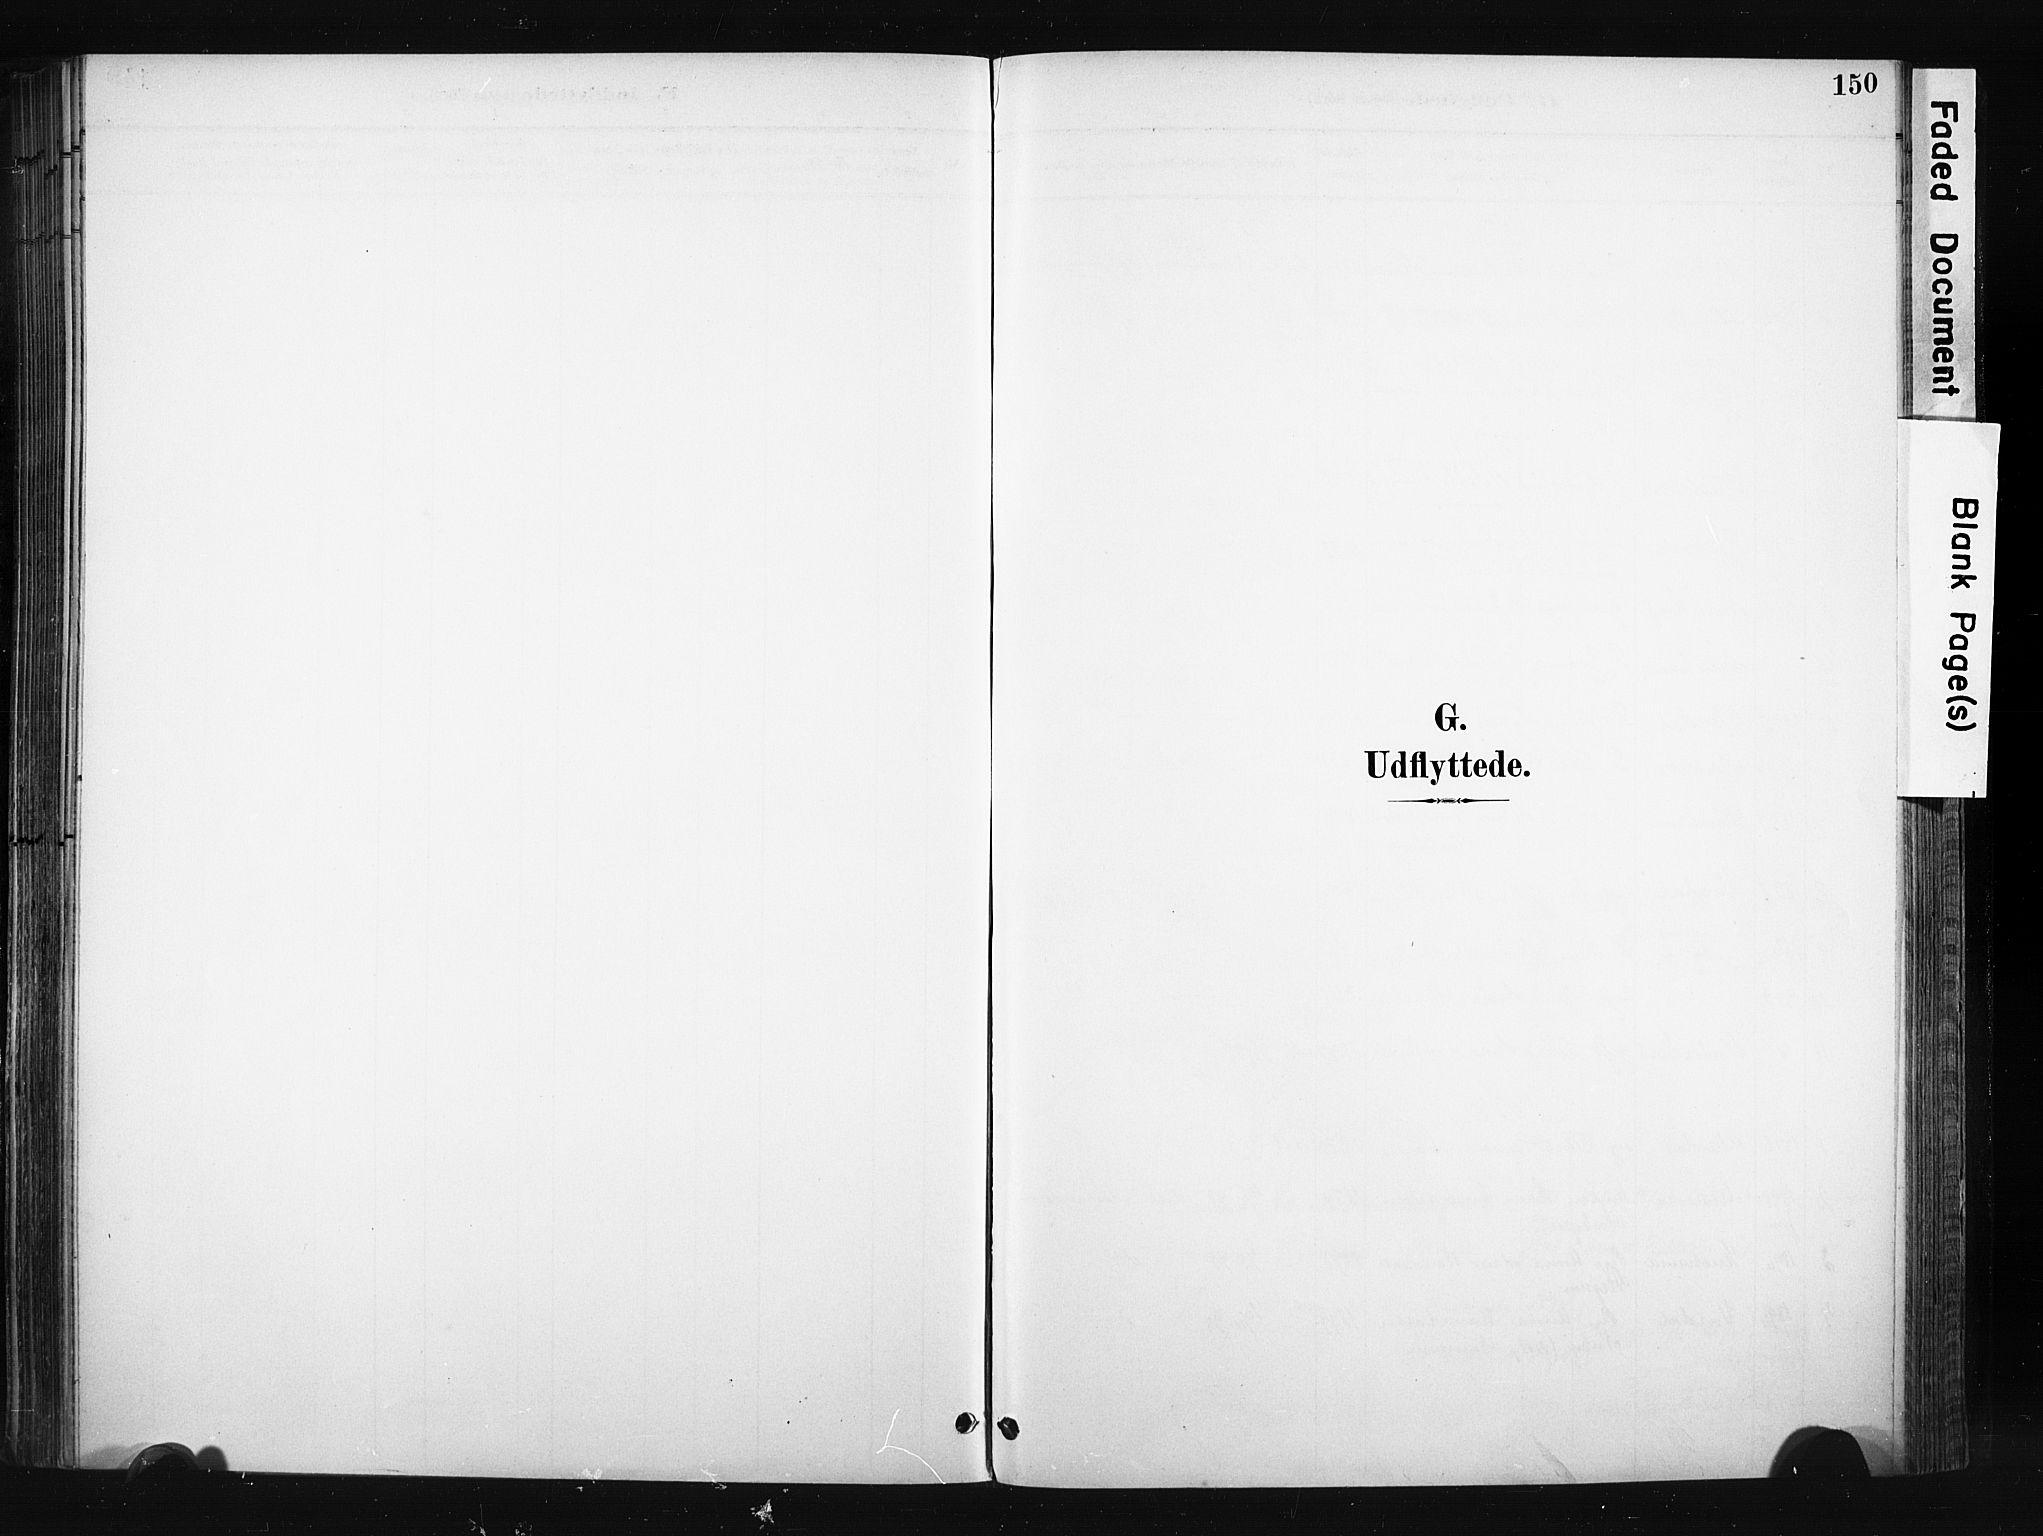 SAH, Søndre Land prestekontor, K/L0004: Ministerialbok nr. 4, 1895-1904, s. 150